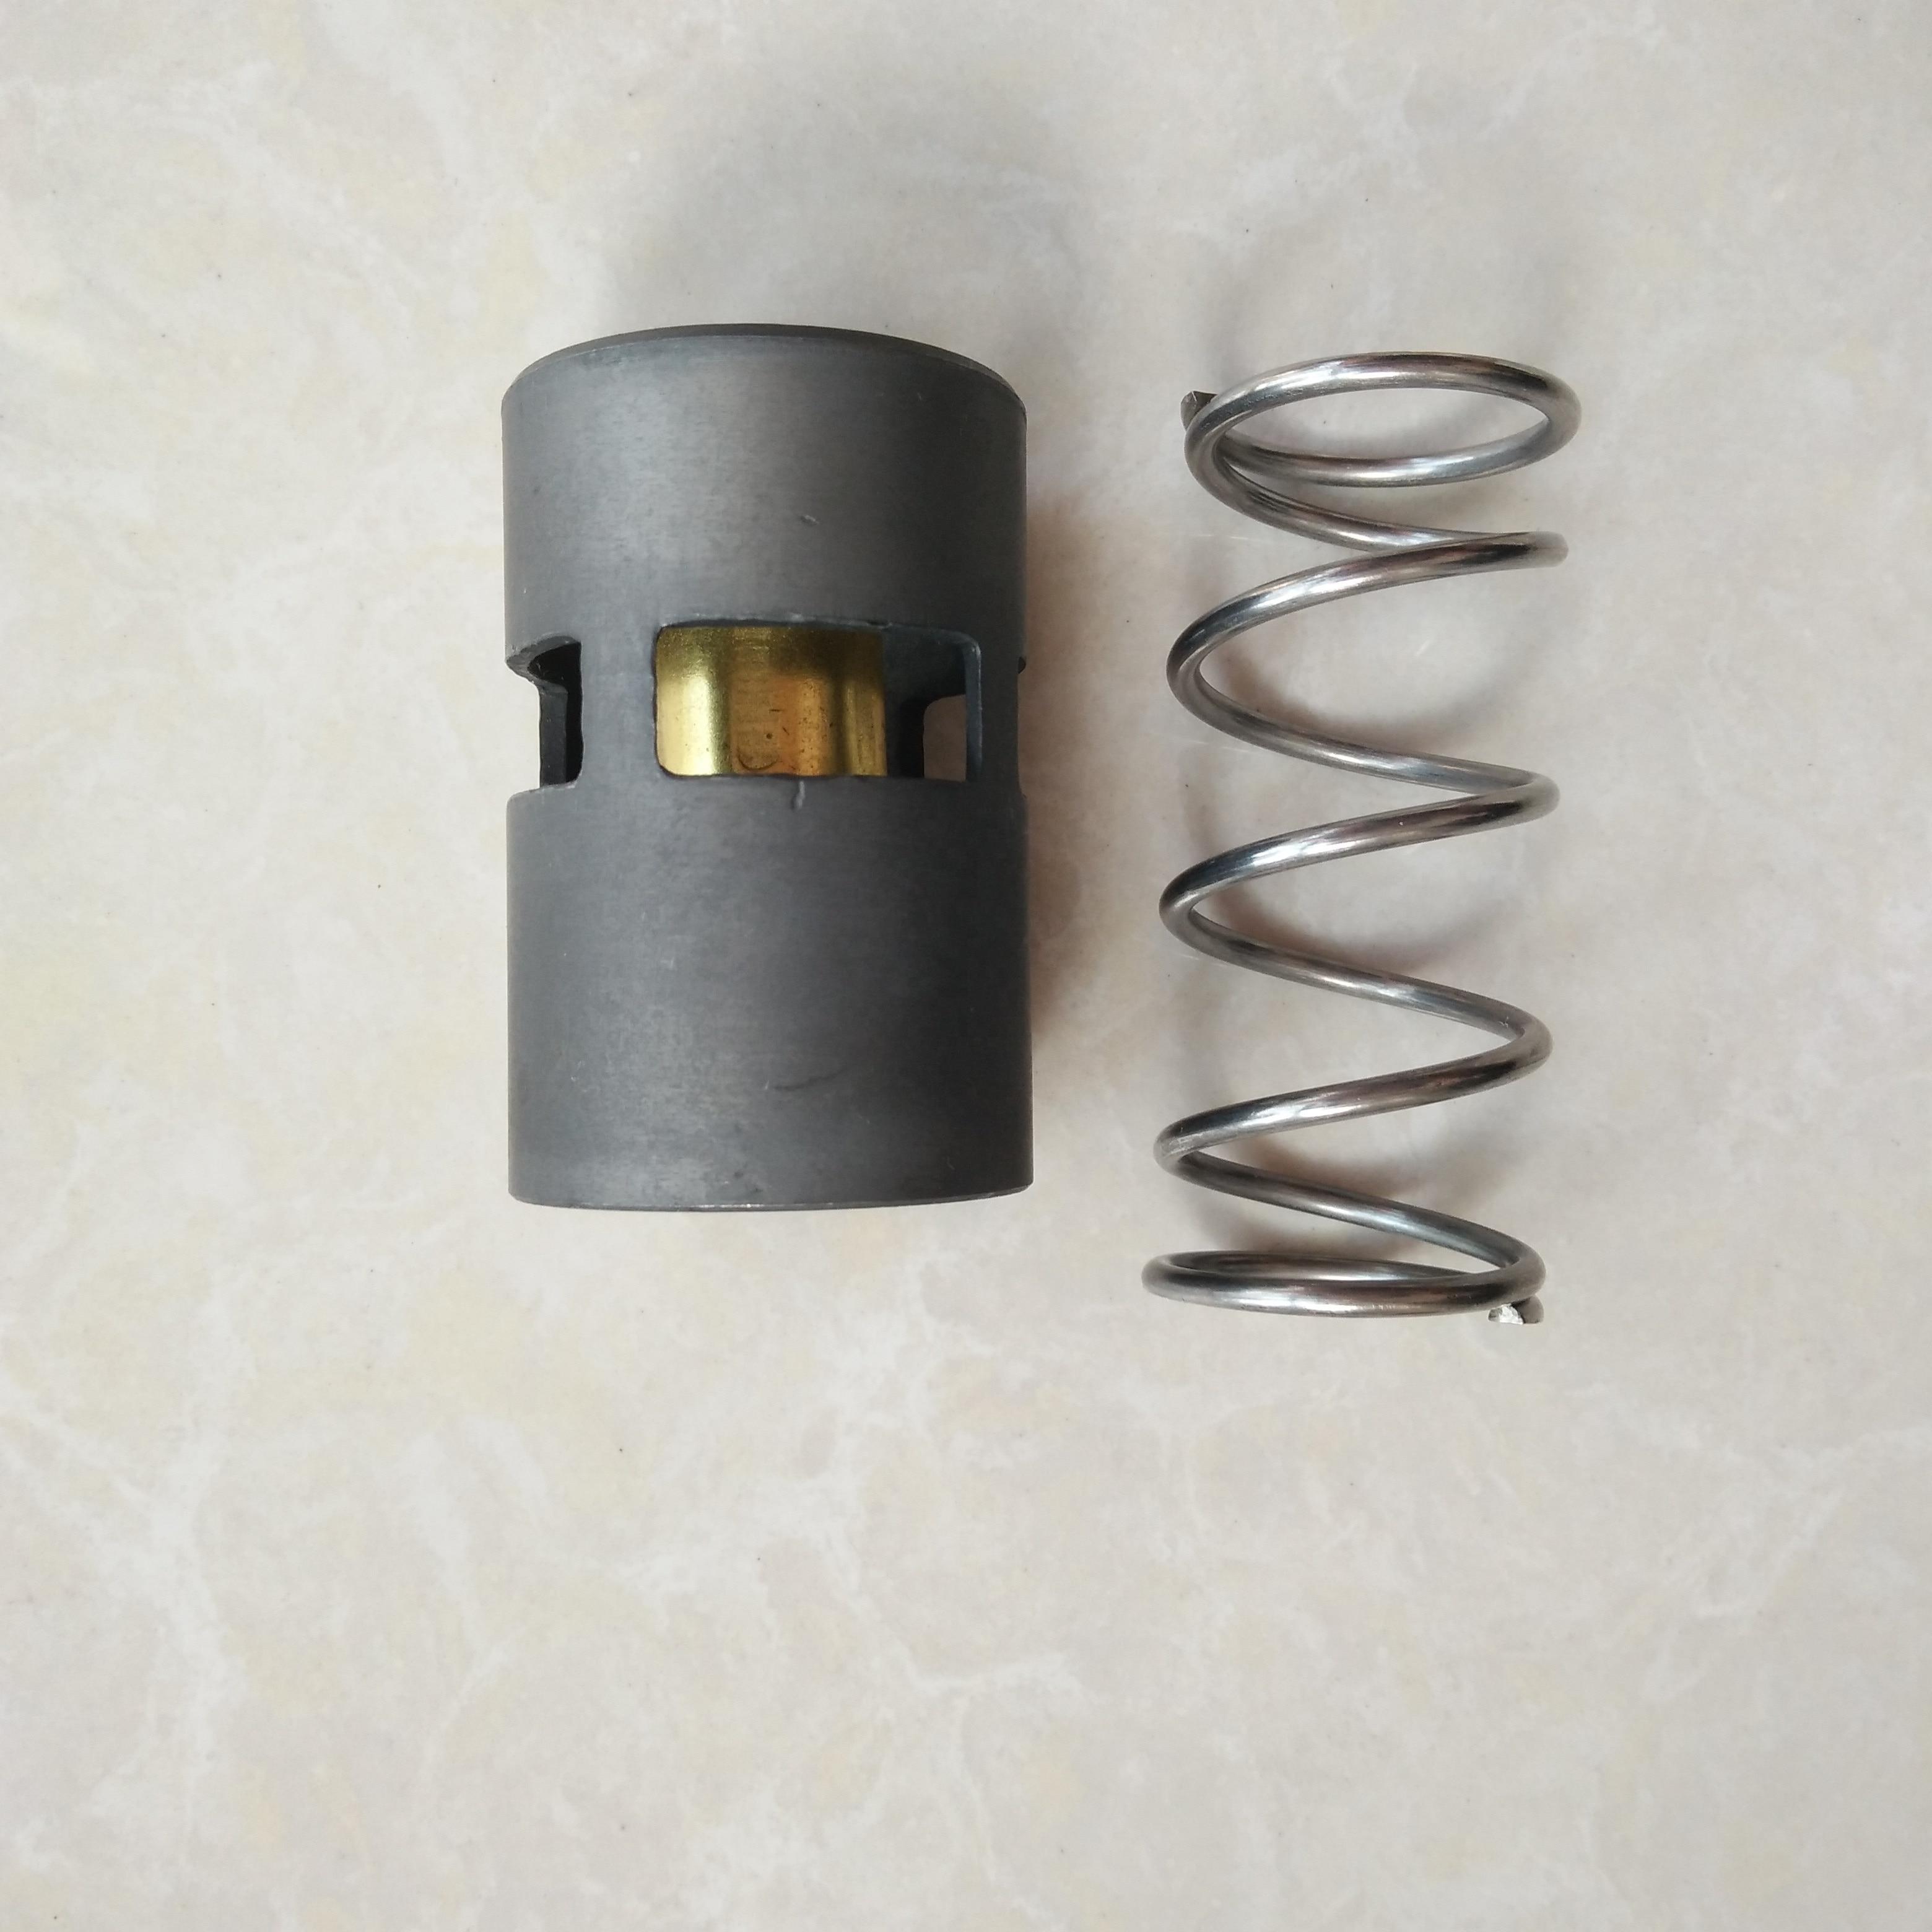 Kit de válvula de termostato 2901161600 Core 2901006800 1614611800 1622706401 1619733300 compatible con compresor de aire Atlas Copco